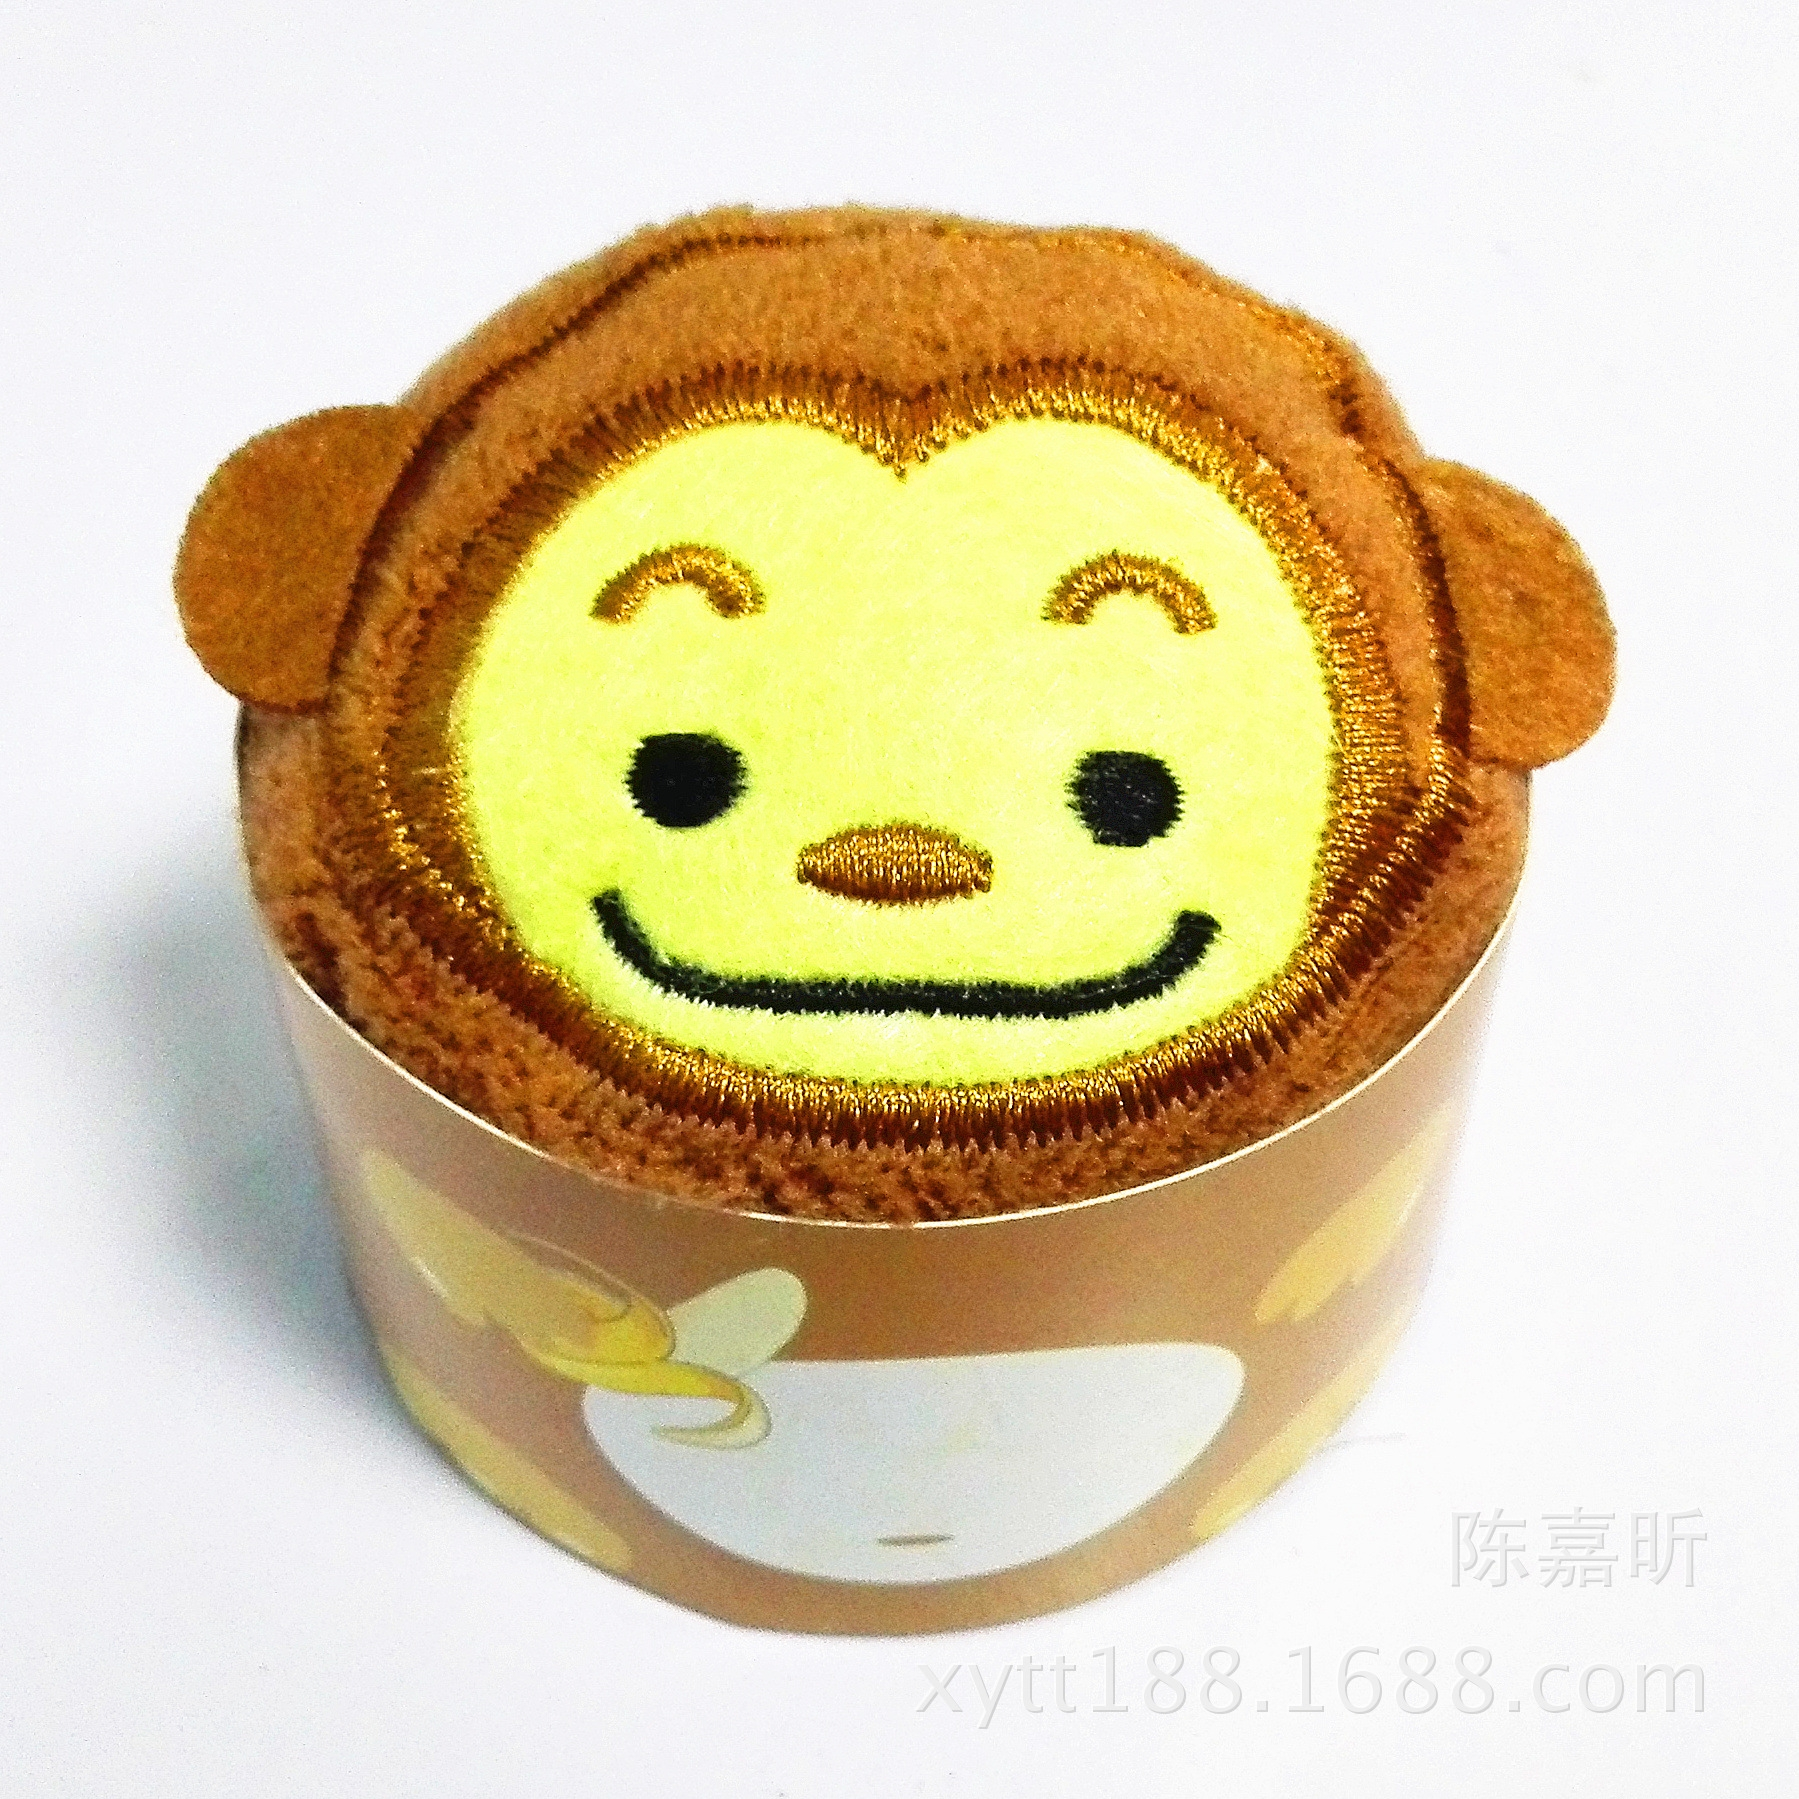 猴子蛋糕毛巾 猴年创意喜庆广告促销小礼品